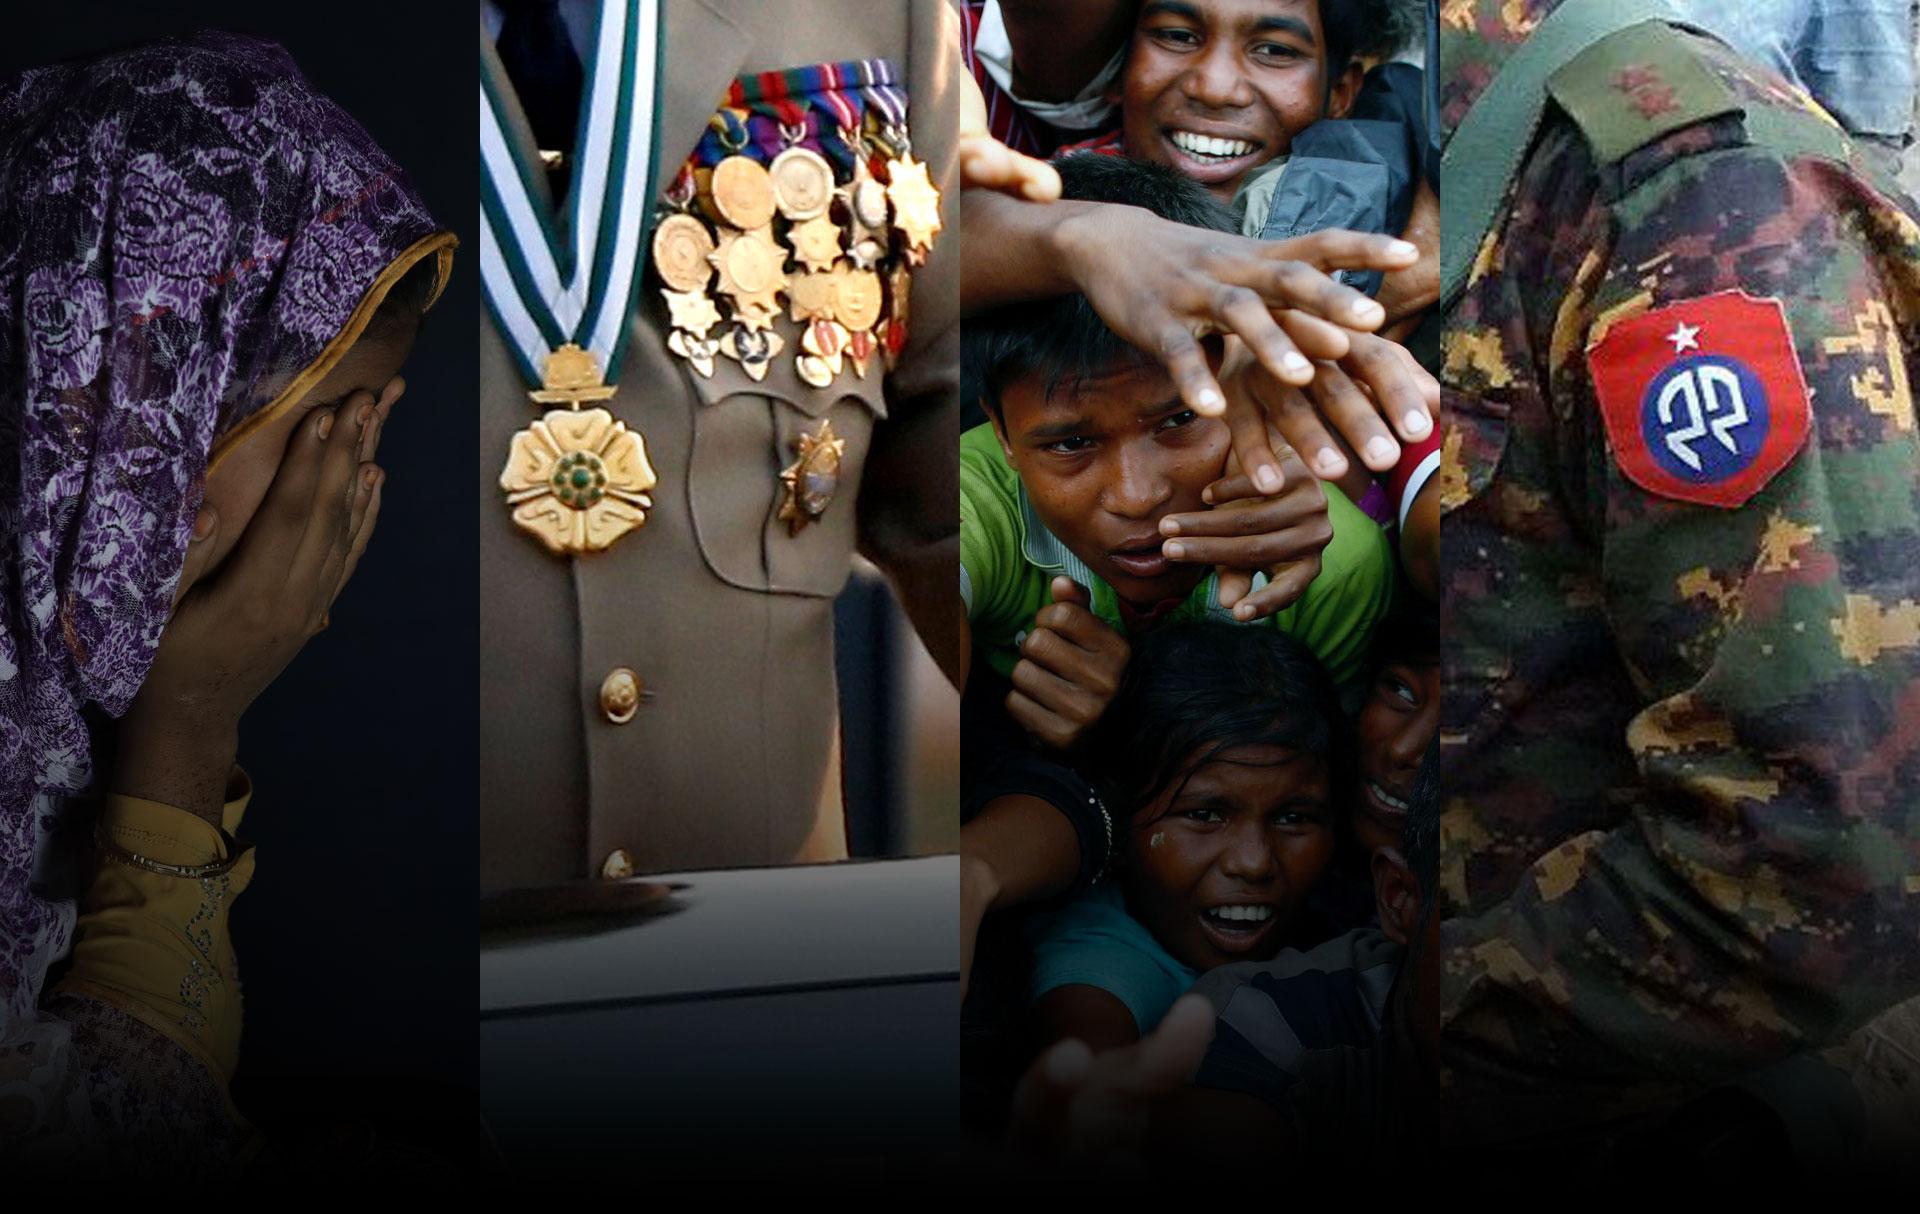 রোহিঙ্গা গণহত্যা: মিয়ানমারের সামরিক ব্যাংকের সাথে আর কোনো লেনদেন করবে না ওয়েস্টার্ন ইউনিয়ন